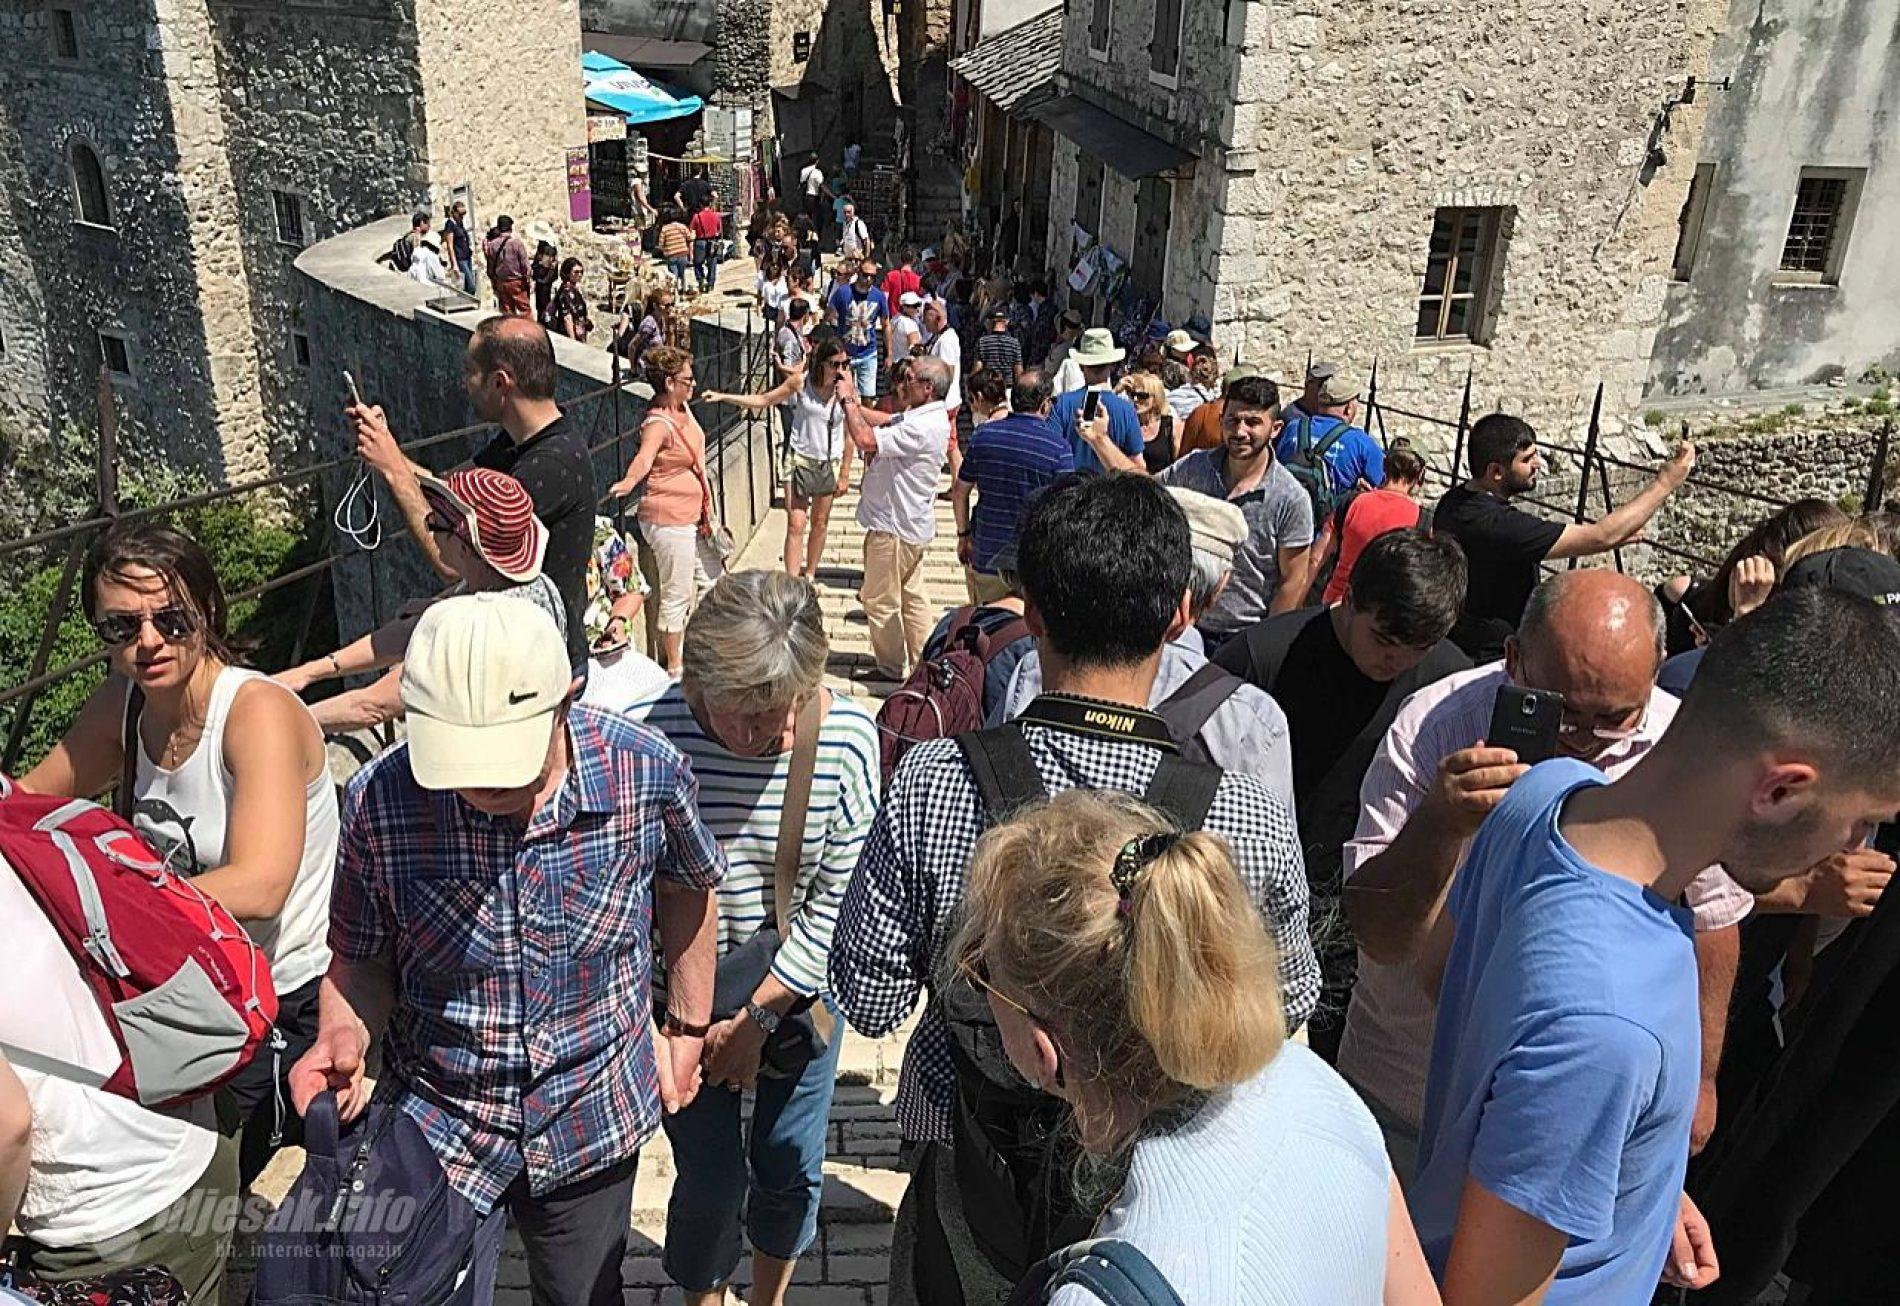 Turisti očarani Mostarom: Most kao iz bajke, rijeka oduzima dah